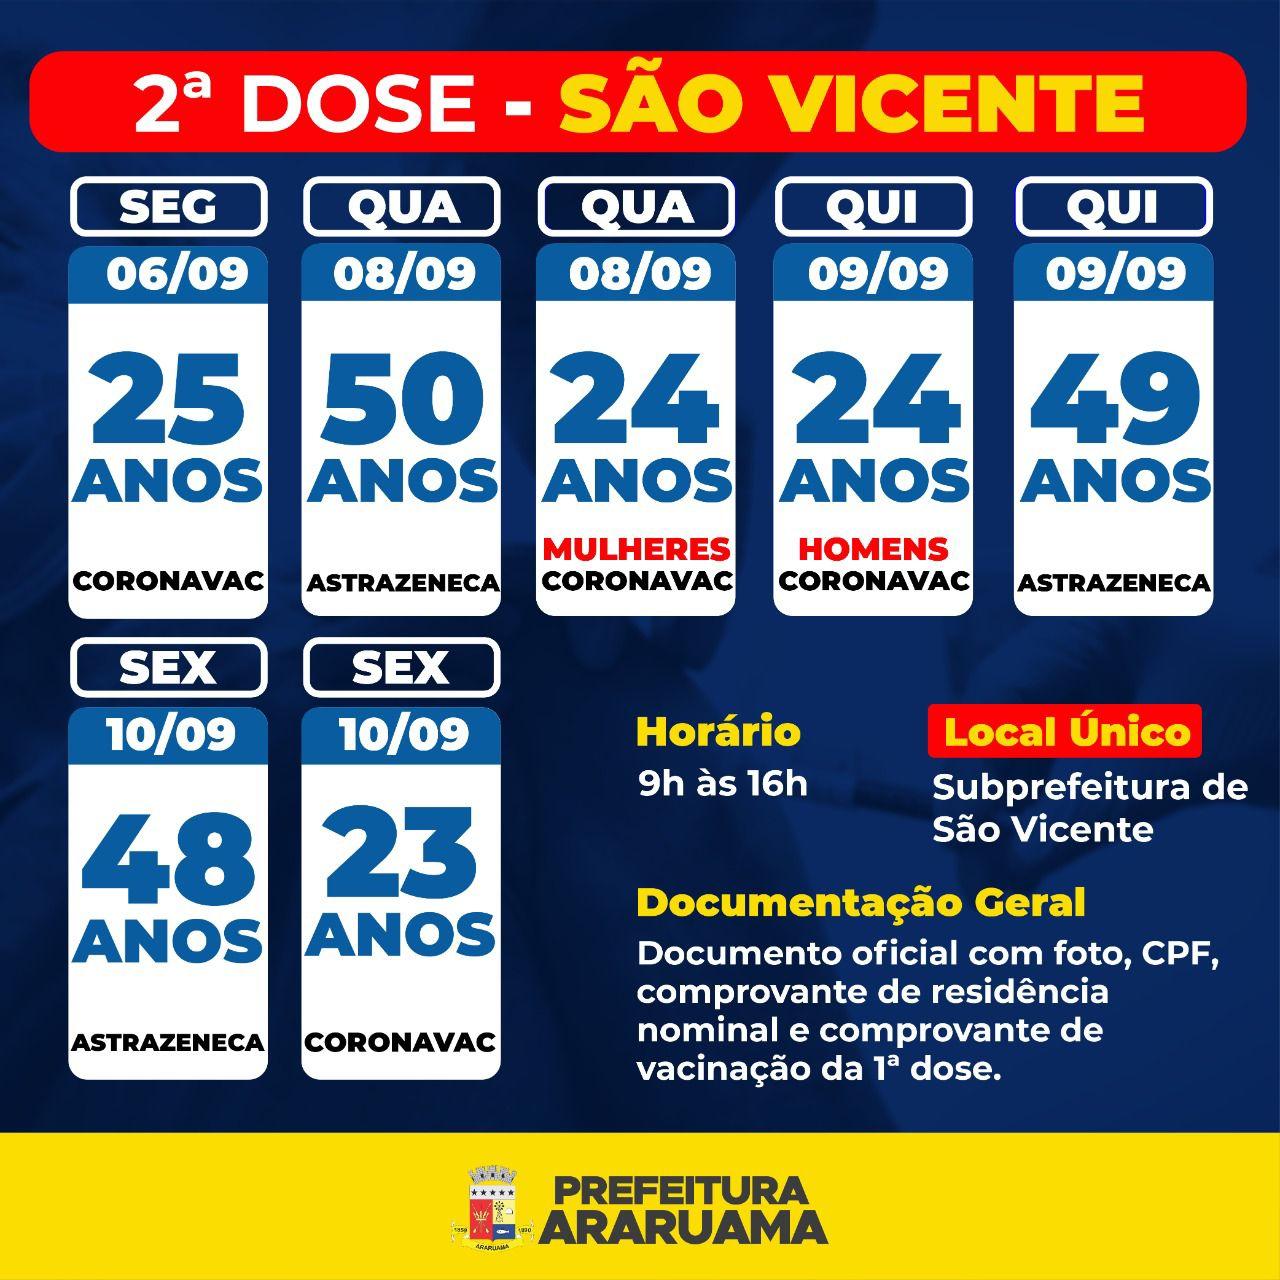 Calendário de vacinação da segunda dose para o distrito de São Vicente